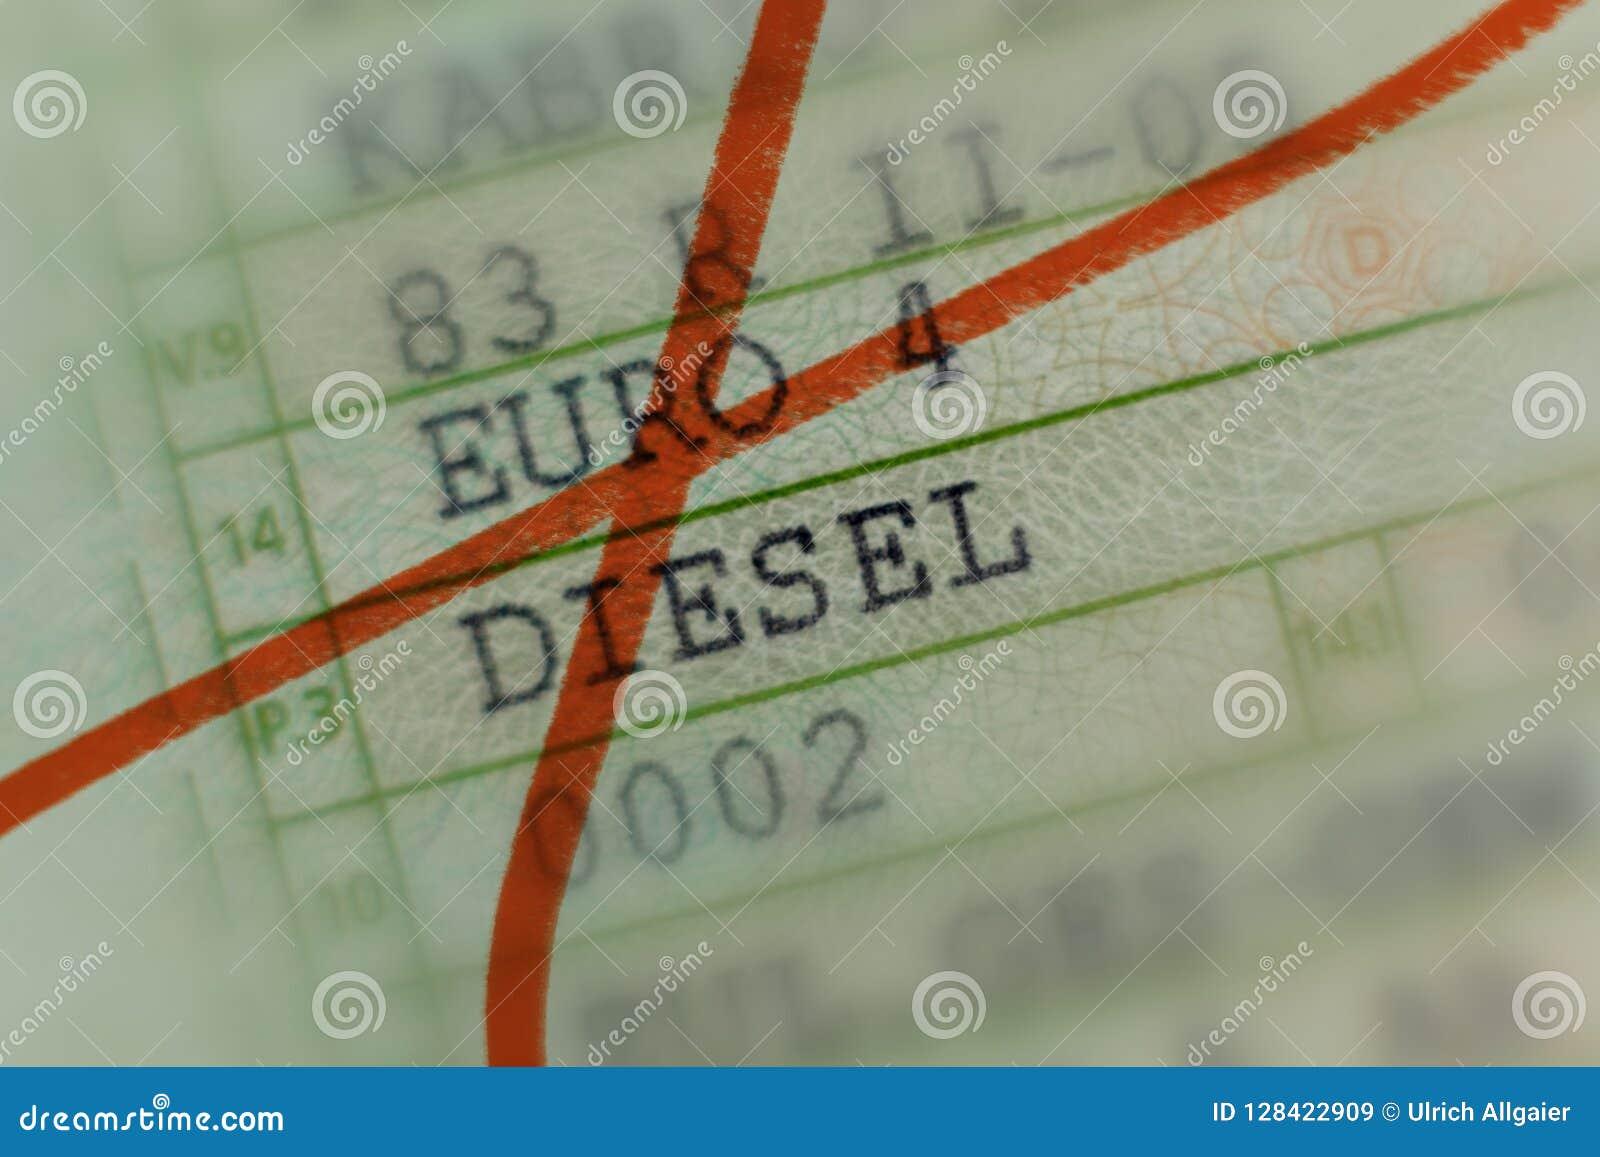 汽车许可证注销了与红色标志,汽车不值得由柴油丑闻在德国,客车,柴油欧元4